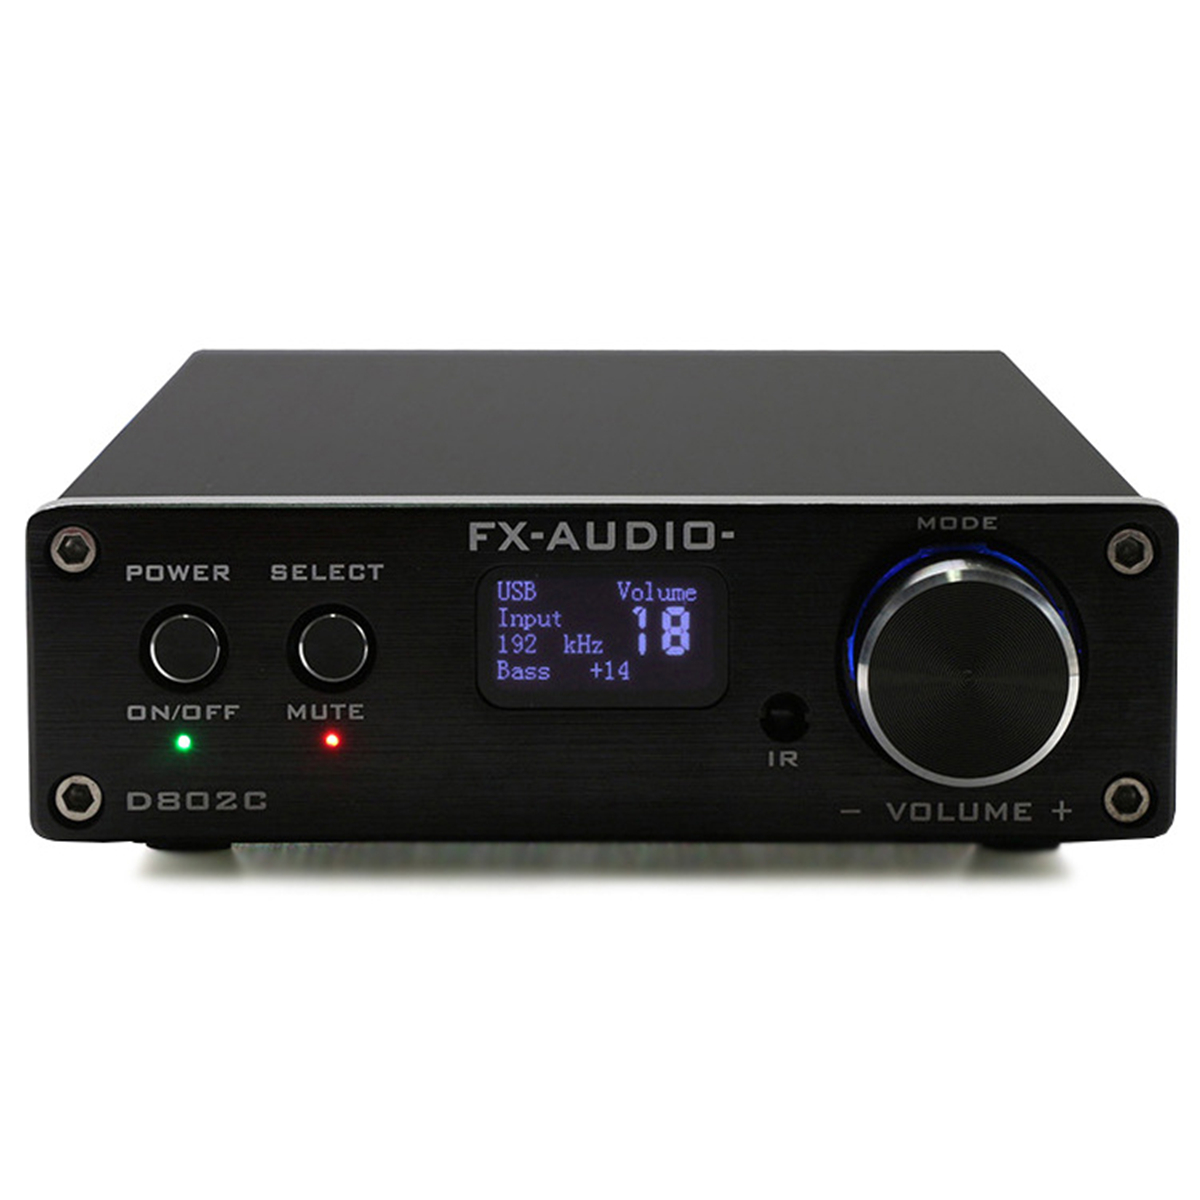 FX-Audio 24Bit/192 KHz 80 W * 2 D802C bluetooth3.0 Numérique amplificateur Audio Entrée USB/RCA/ optique/Coaxial Entrée + UE adaptateur secteur